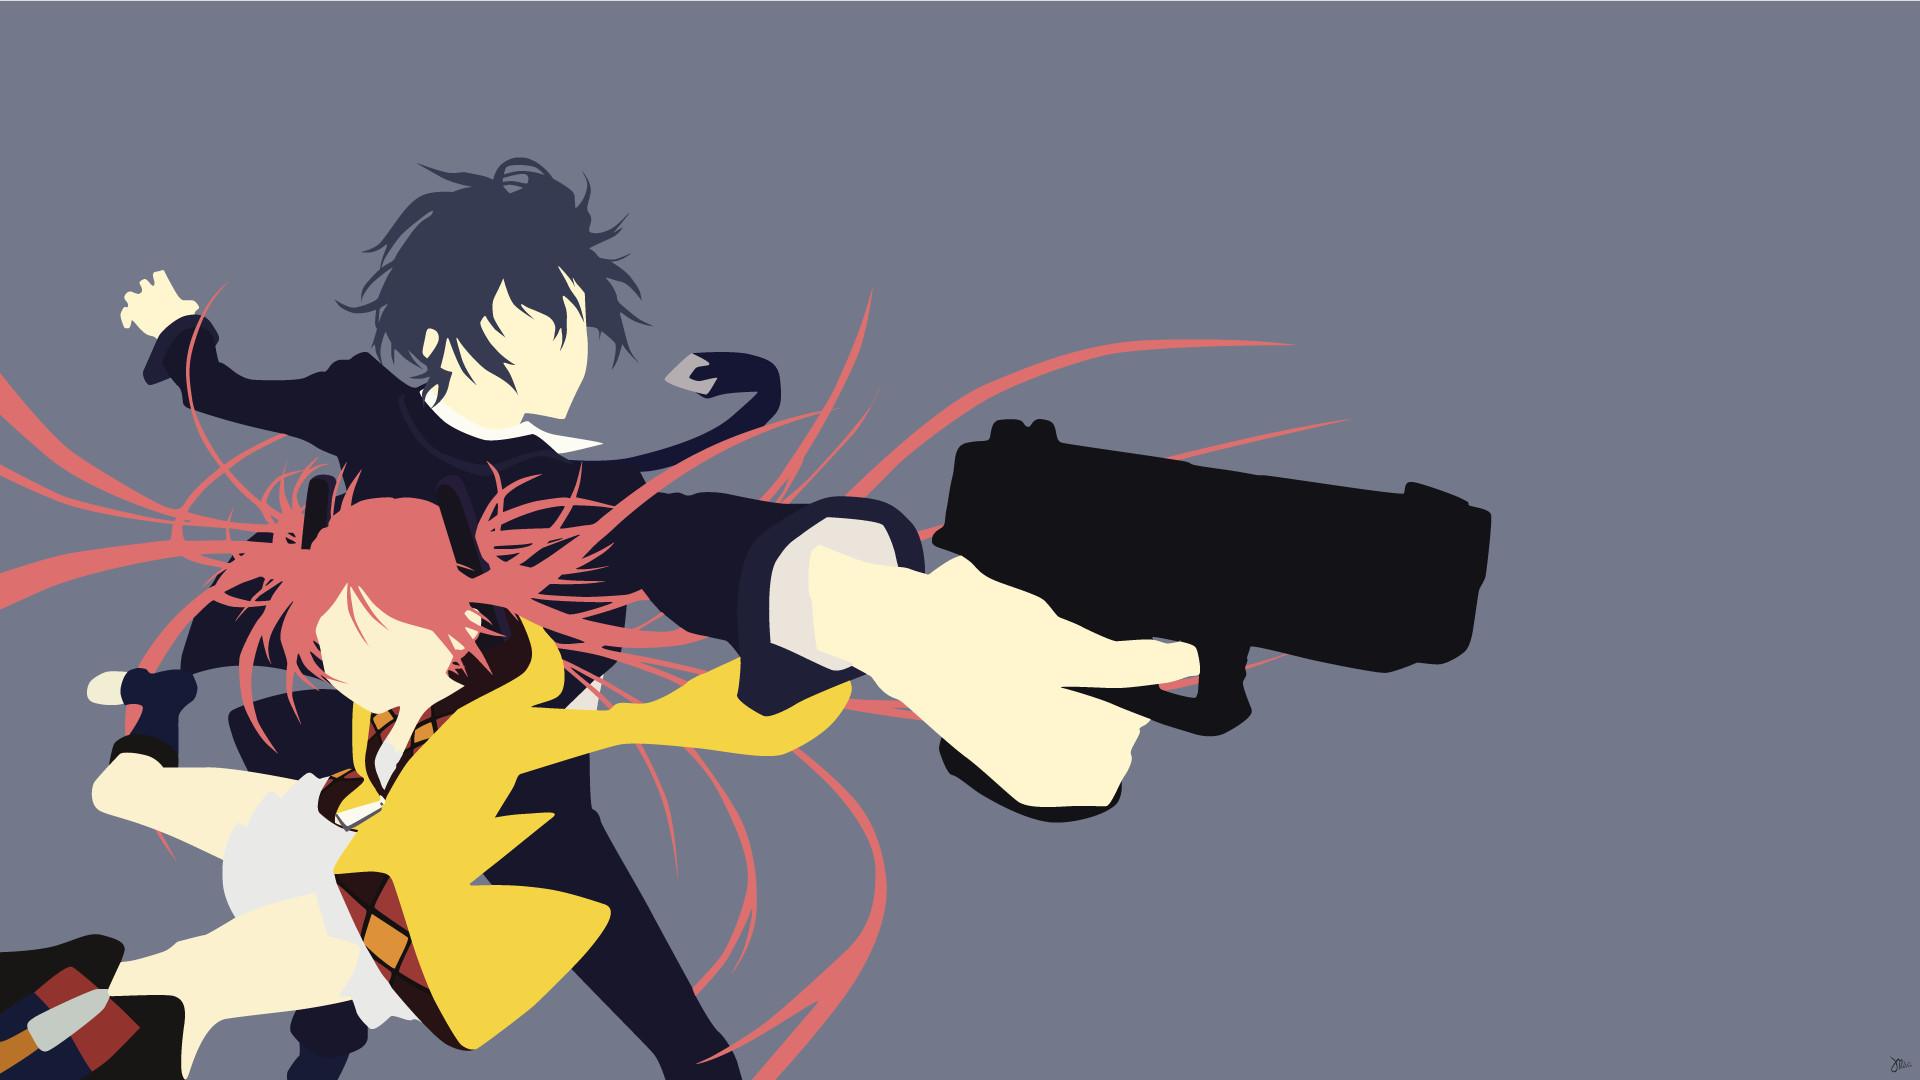 Rentaro Satomi/Enju Aihara Minimalism · MinimalismBlack  BulletBulletsWallpaperAdobe …